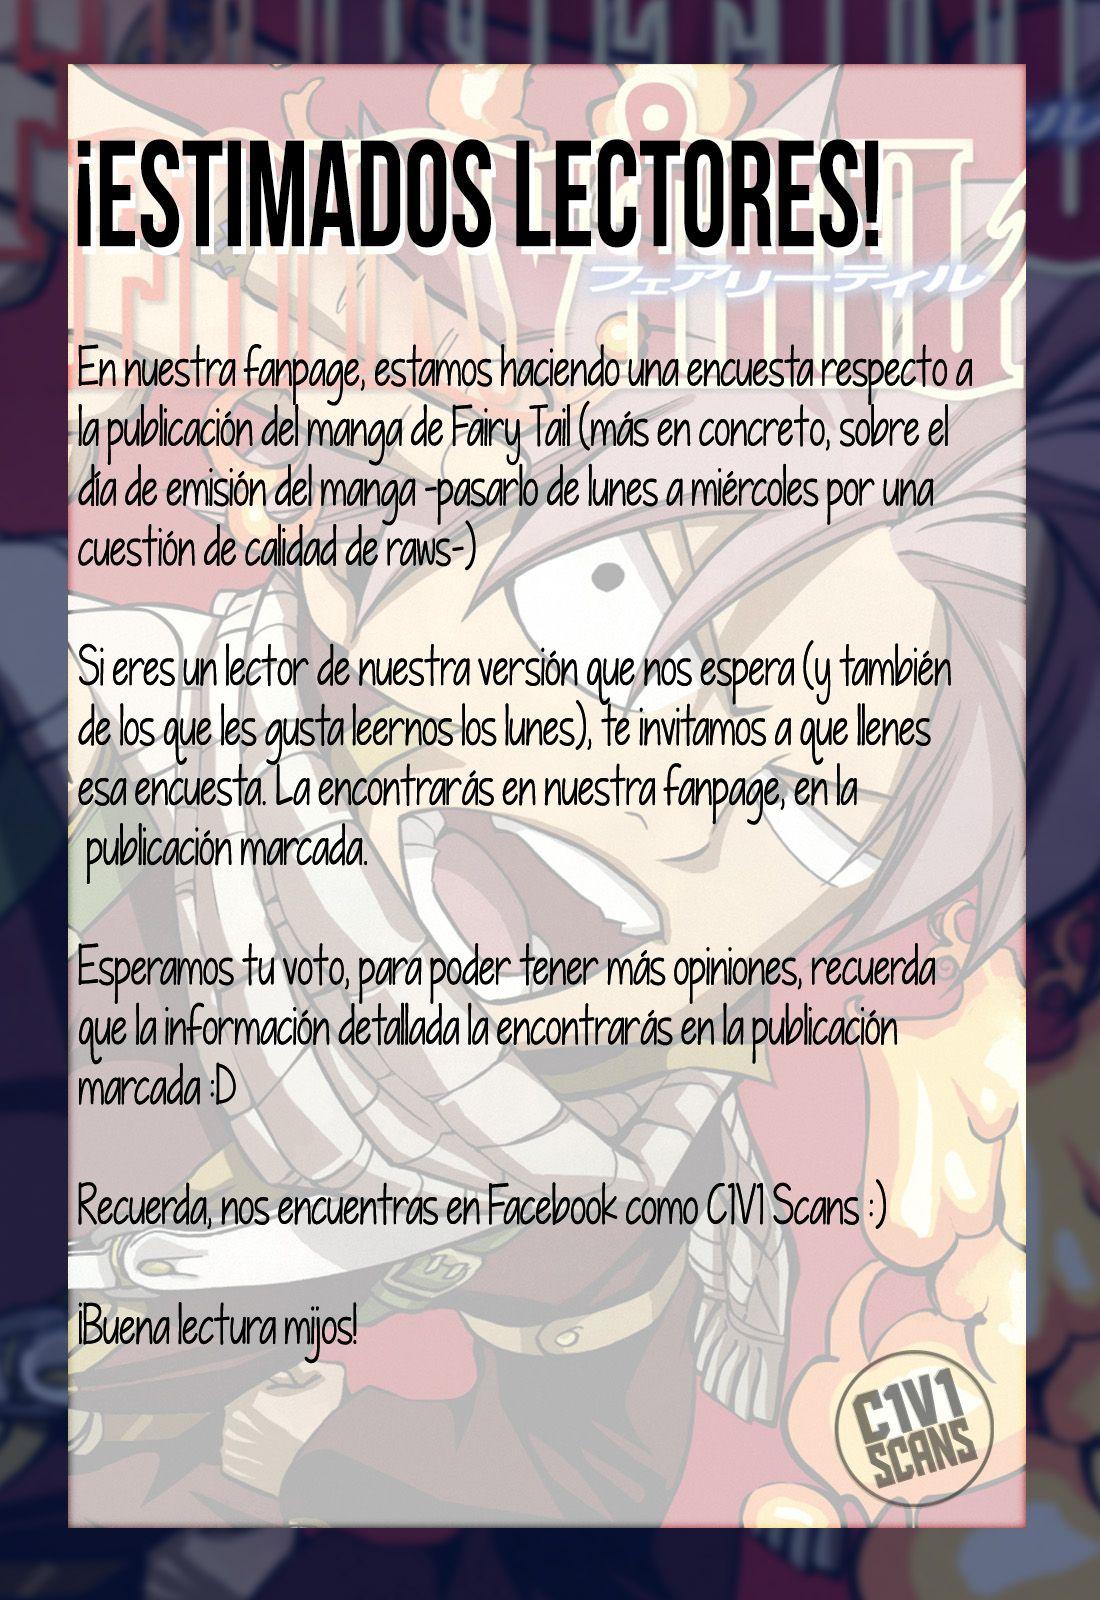 http://c5.ninemanga.com/es_manga/14/78/482919/19c552afb2174ff2d58aff1b589b28c1.jpg Page 2